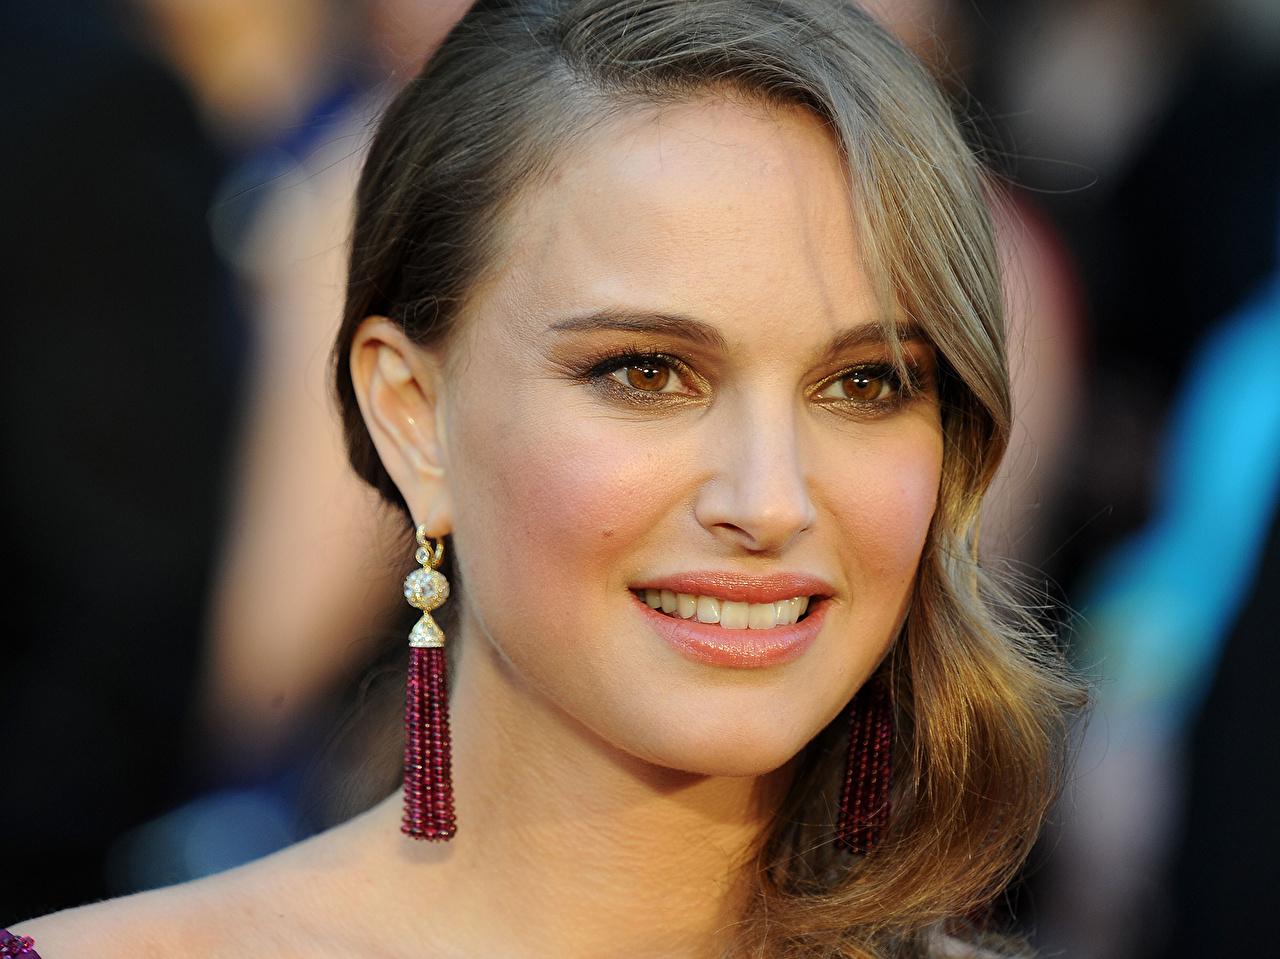 Обои для рабочего стола Натали Портман Улыбка серег смотрит Знаменитости Natalie Portman улыбается Серьги Взгляд смотрят